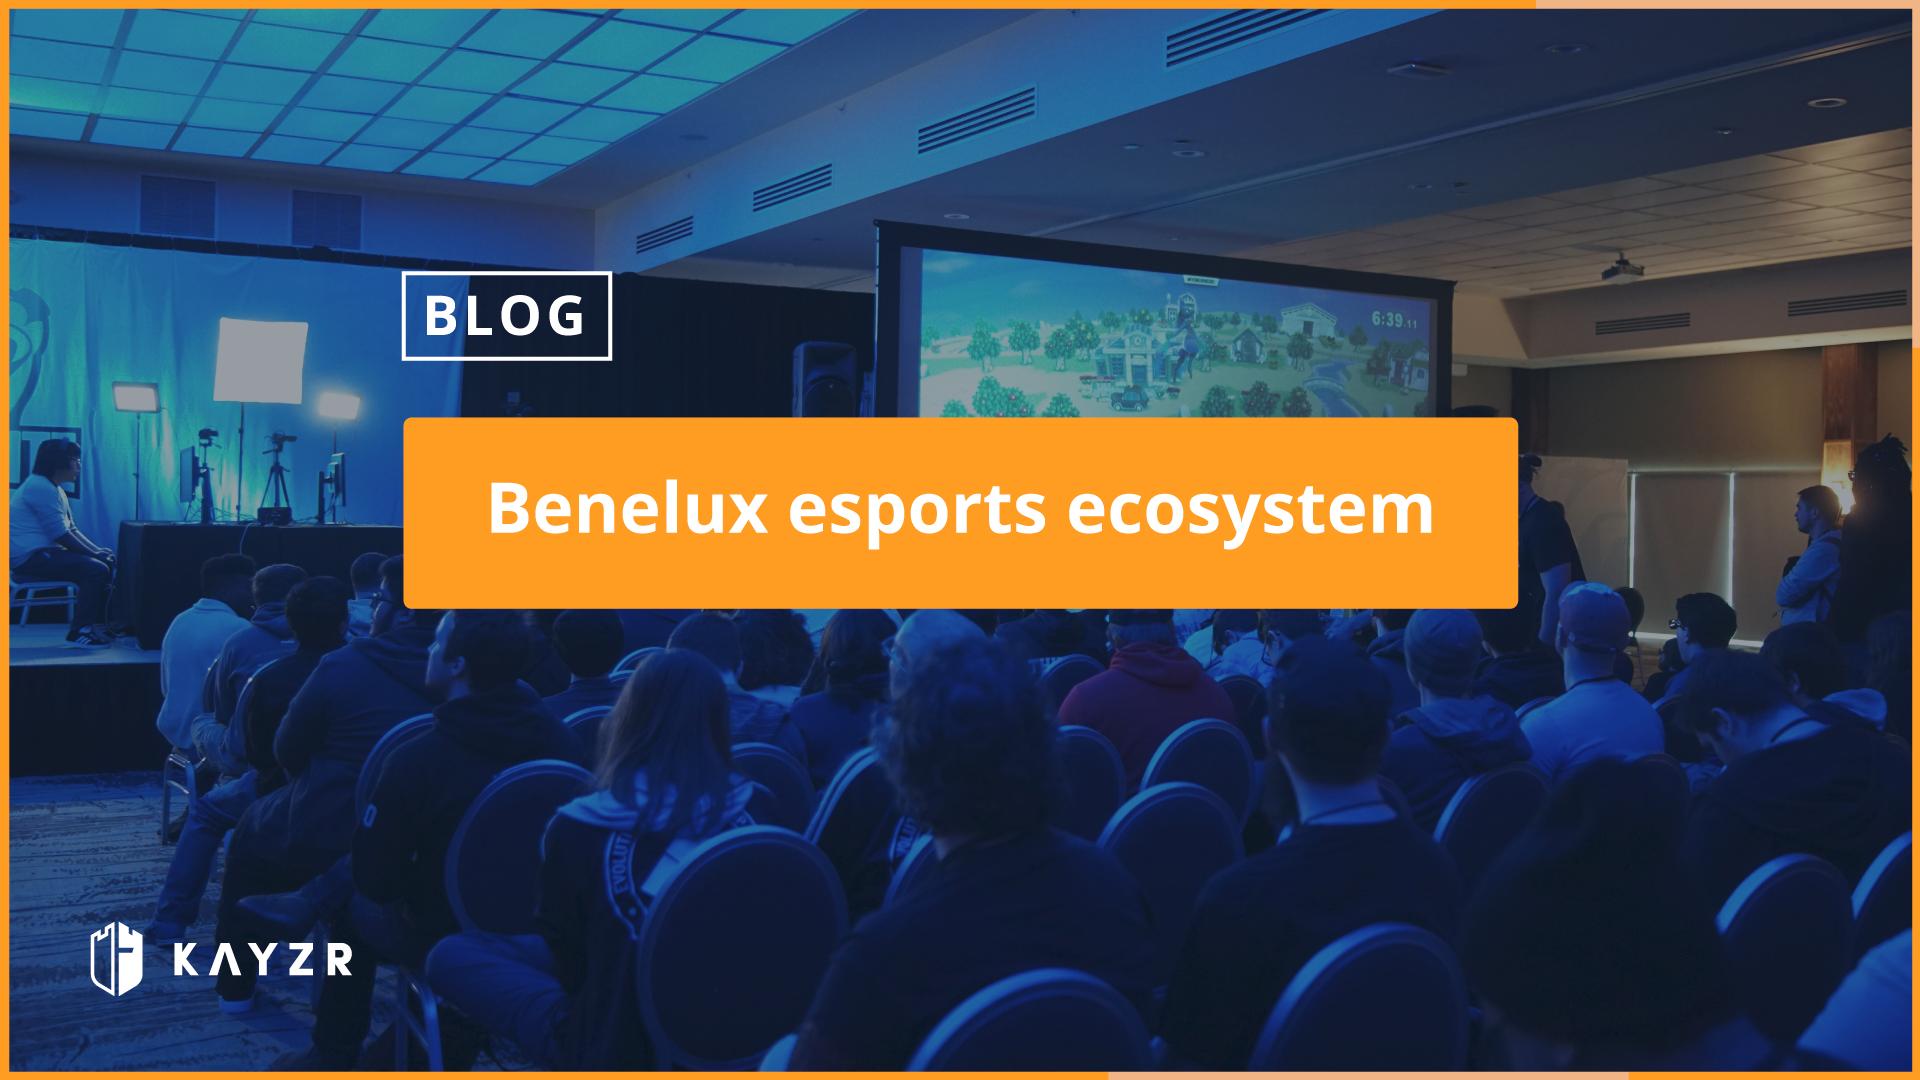 benelux esports ecosystem